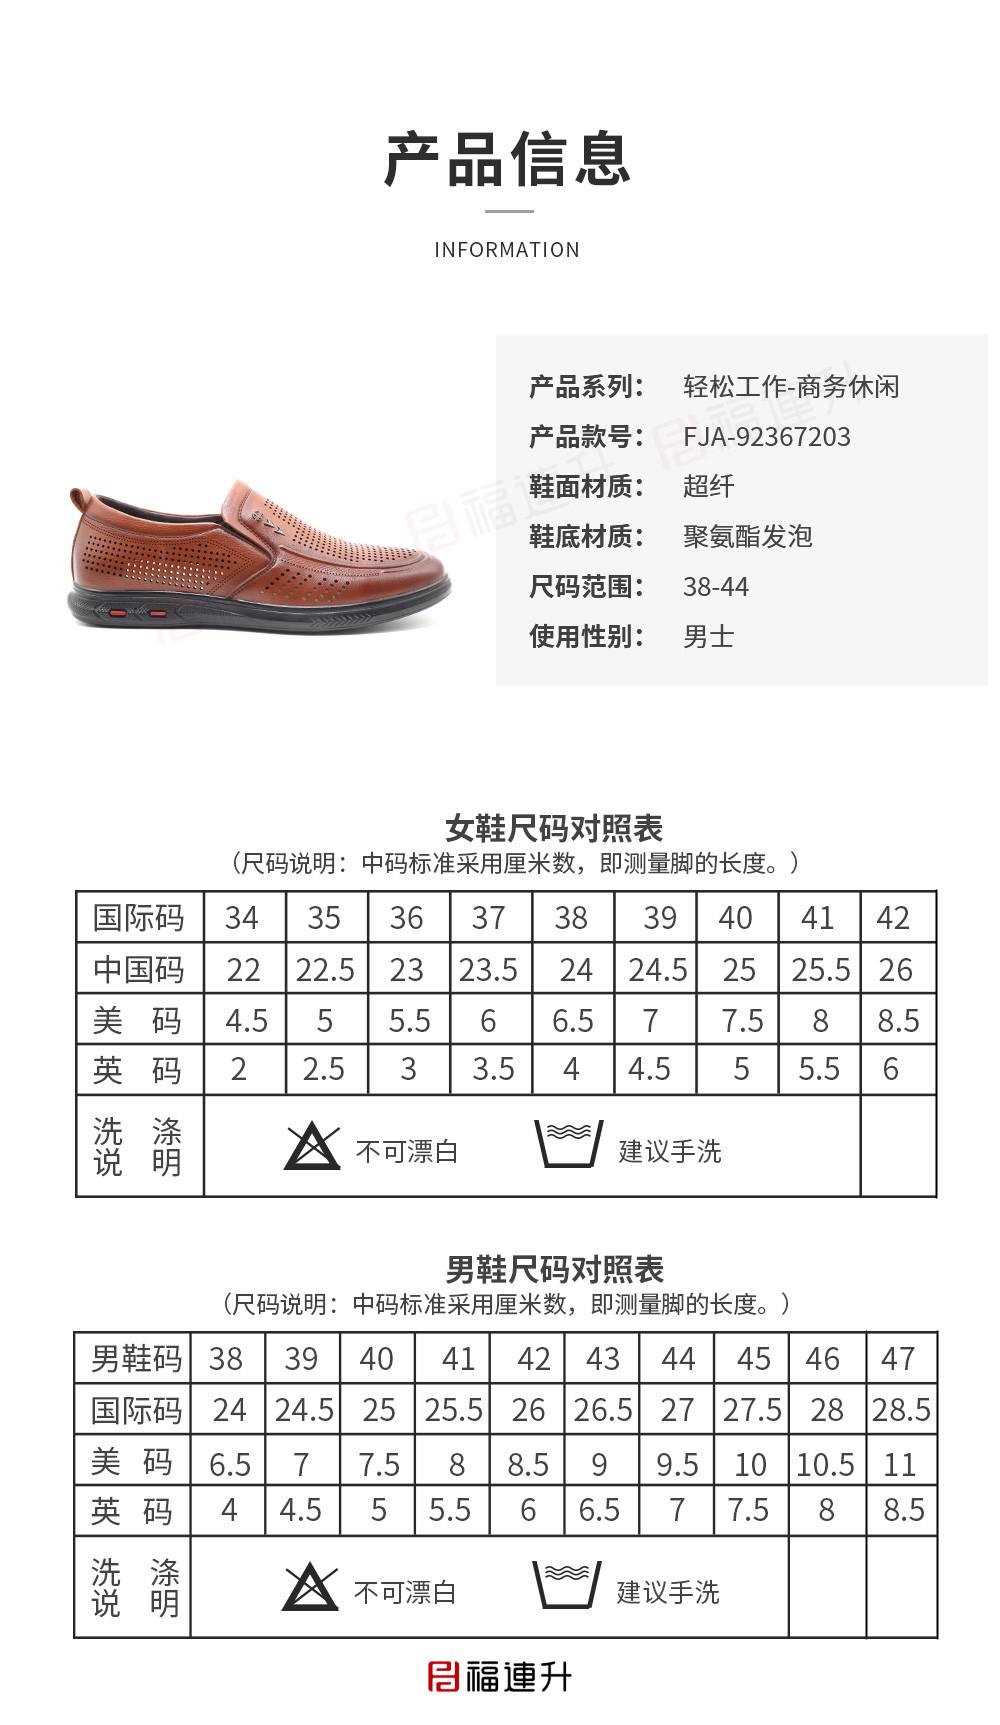 福连升夏季打孔商务工作男鞋轻便舒适透气棉麻内里图片